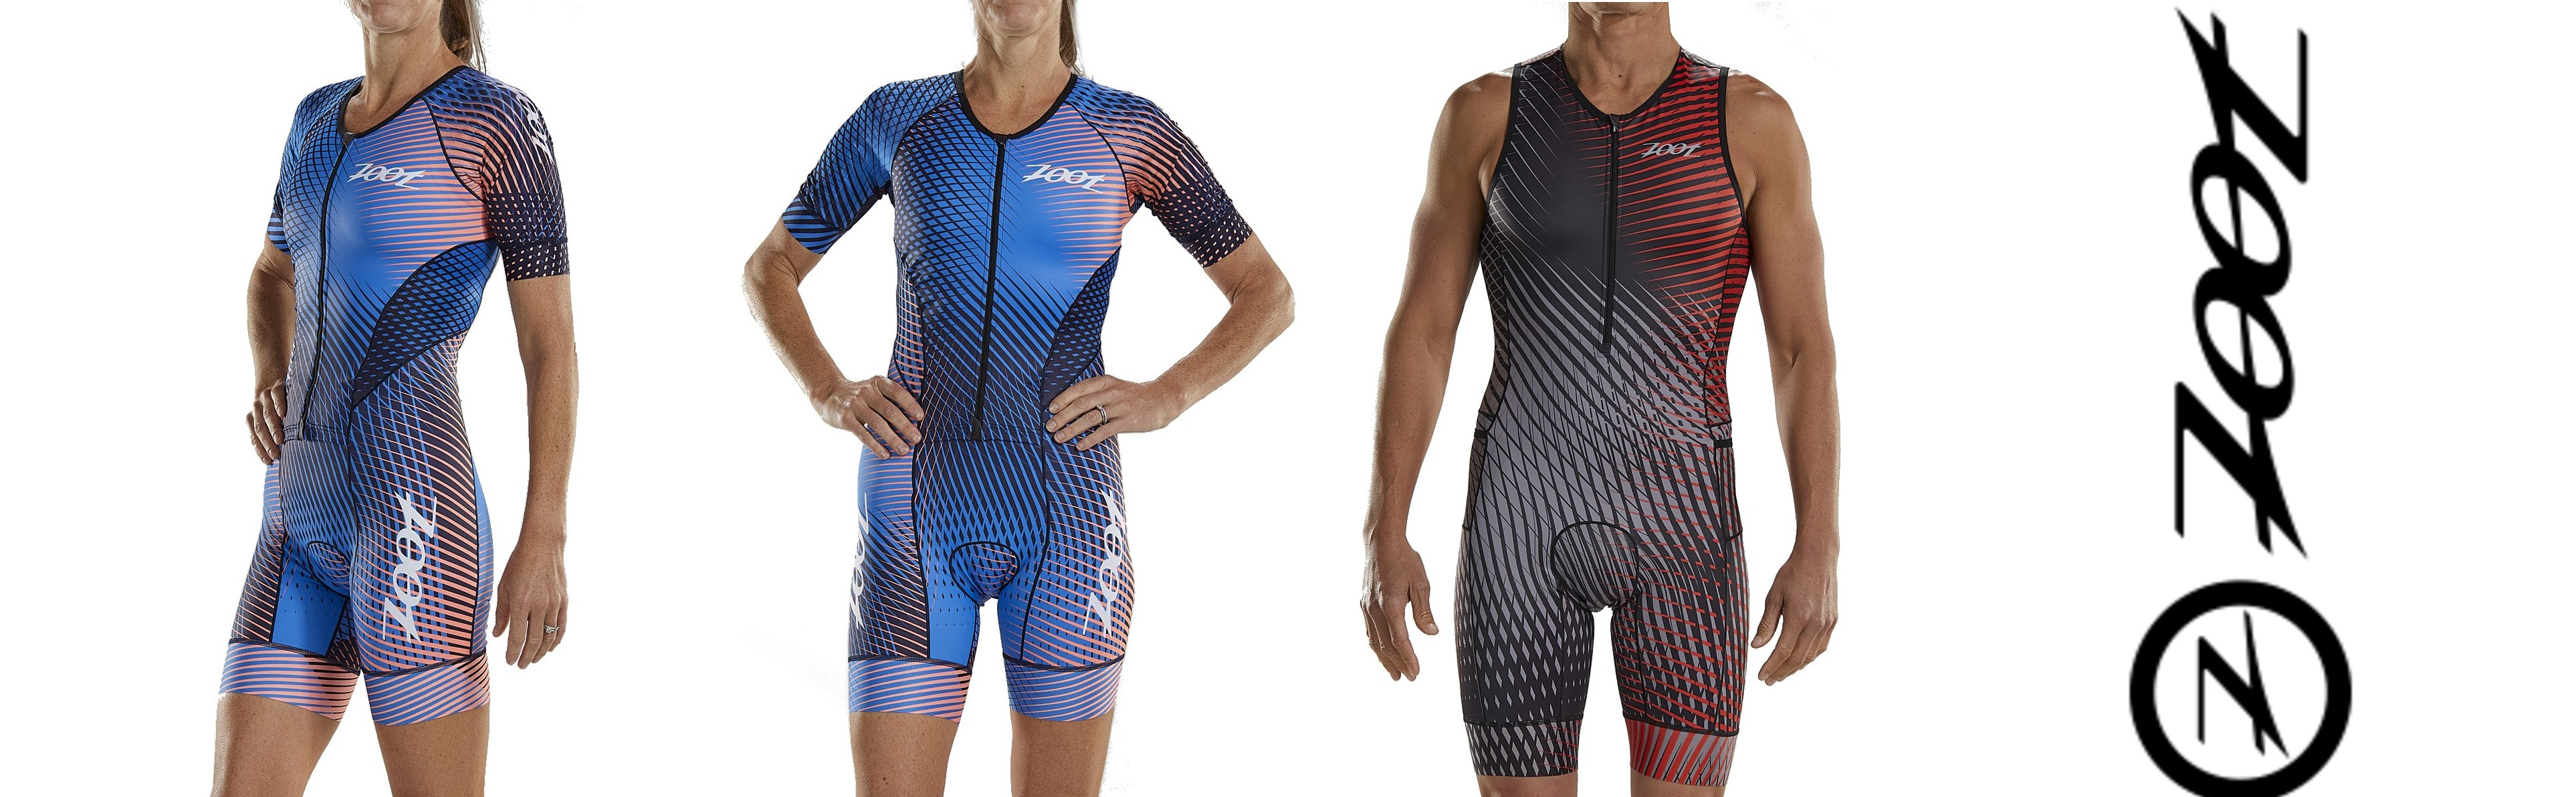 Na zalogi že novi modeli triatlonskih oblačil ZOOT Racesuit PLUS